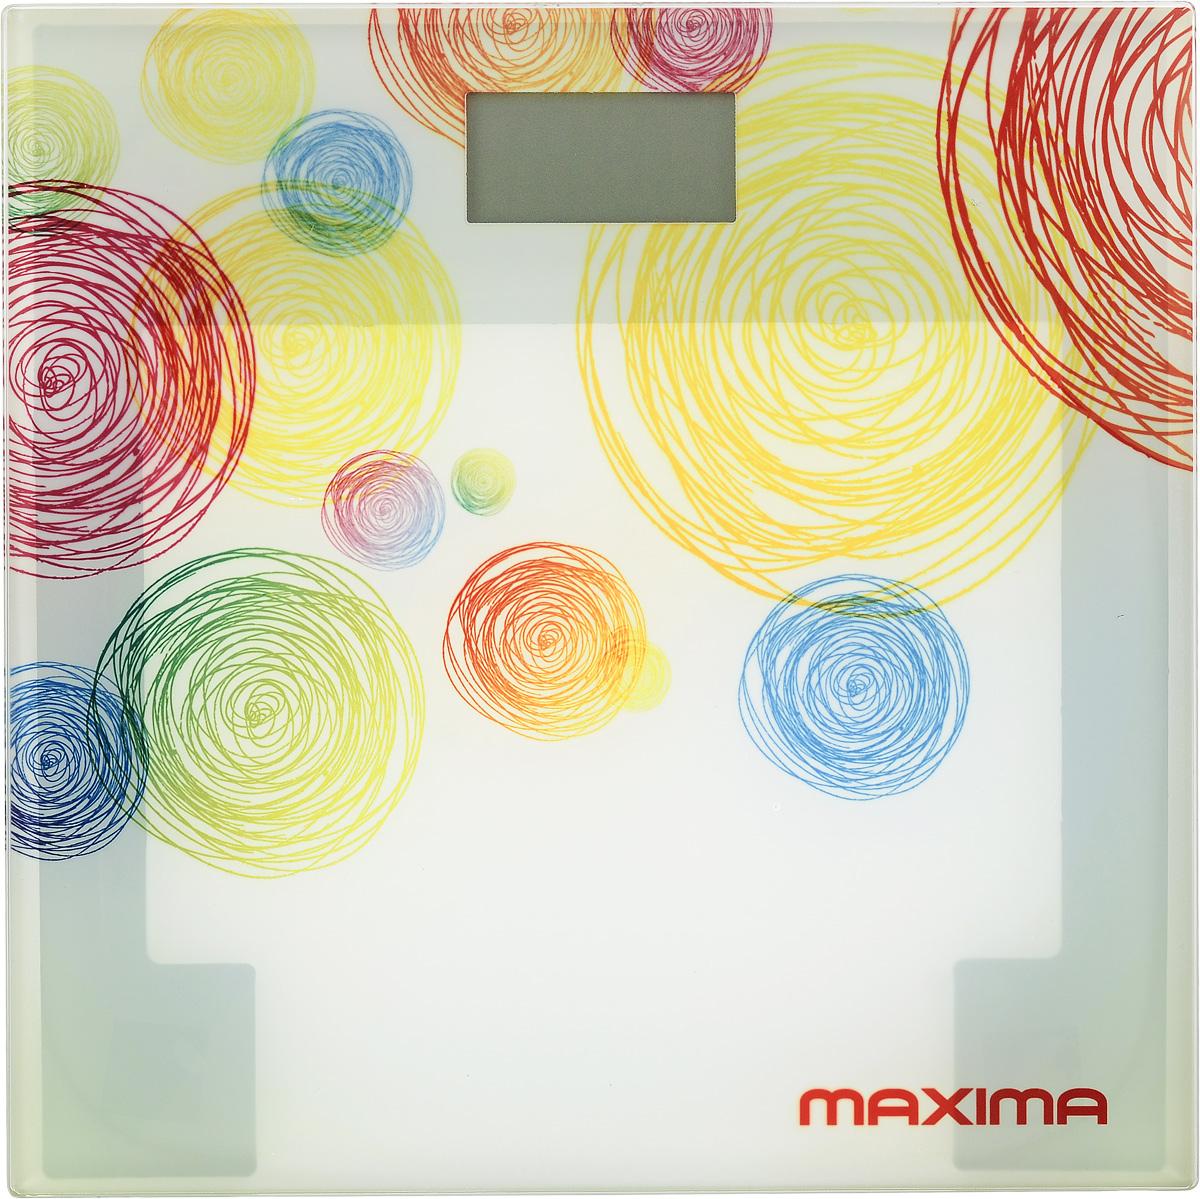 Maxima МS-017 Круги весы напольныеМS-017 кругиСтильные и функциональные, напольные весы Maxima МS-017 идеальны для тех, кто следит за своей физической формой. Платформа из прочного пластика, удобный ЖК-дисплей, индикация низкого заряда батареи делают работу с этими весами удобной и легкой. Благодаря четырем высокочувствительным датчикам достигается максимальная точность измерения до 100 г. Вы можете выбрать единицы измерения - килограммы, фунты и стоуны.Ультратонкий дизайн 18 ммРазмер дисплея 72 х 35 мм